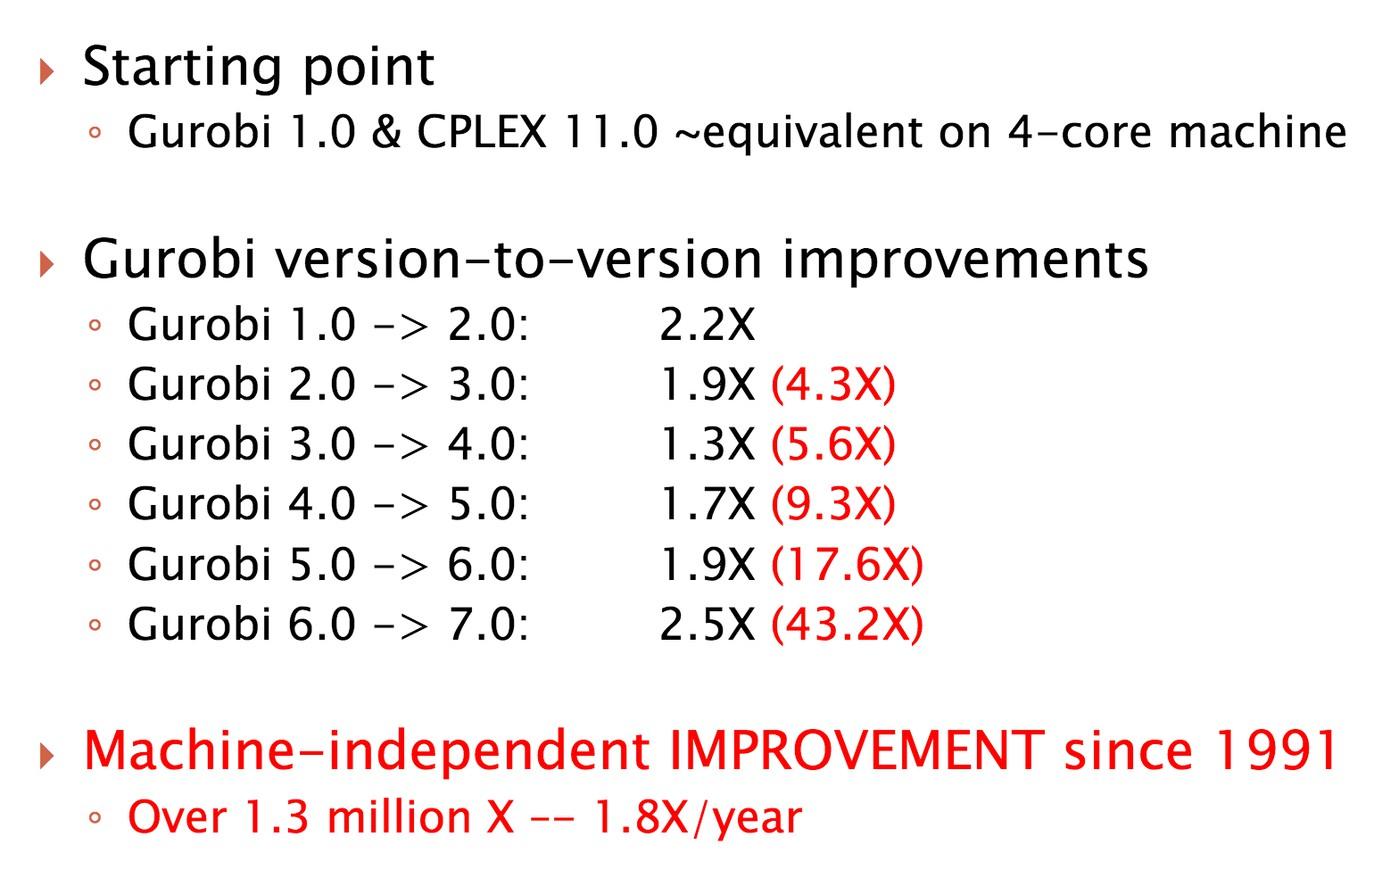 Добавляем еще немного магии к версии 11.0. Суммарный прирост за все время - 1.3 миллиона раз